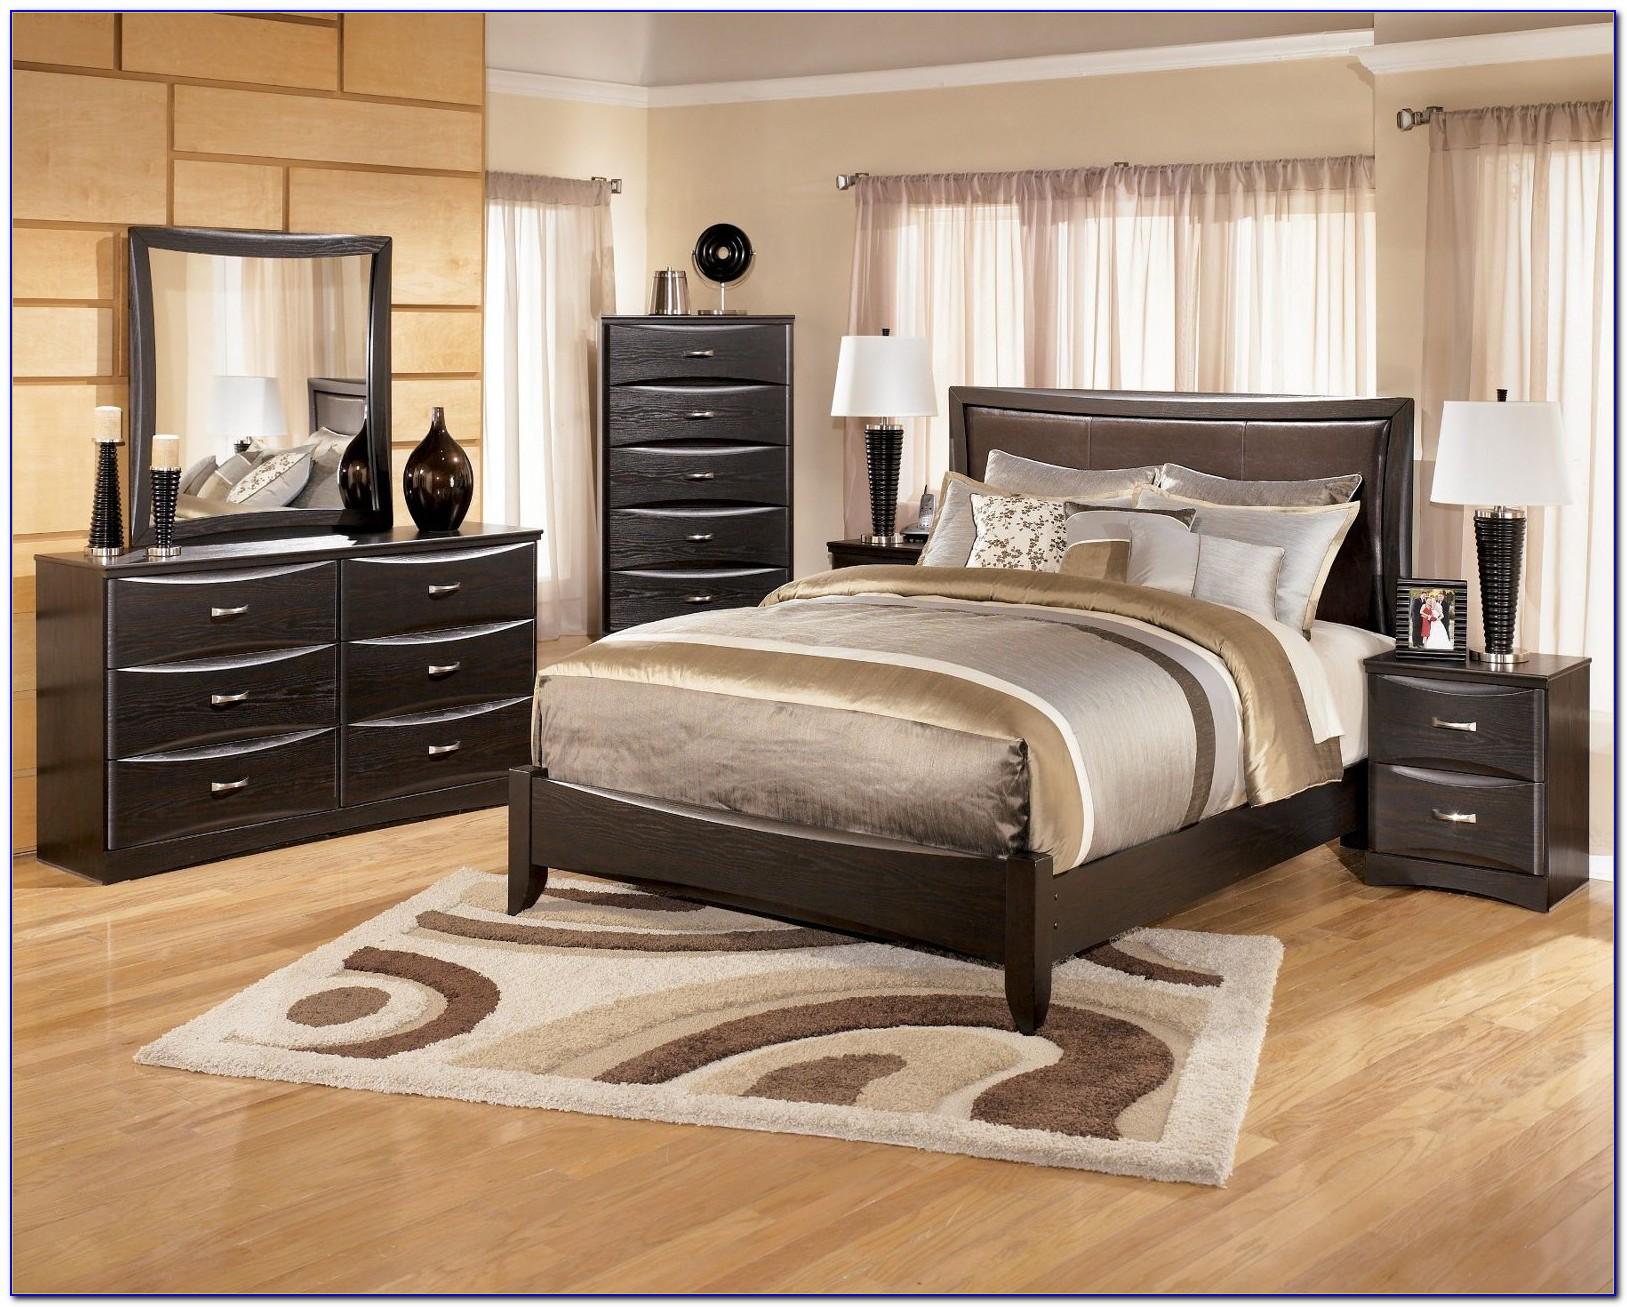 Bedroom Furniture At Ashley Furniture